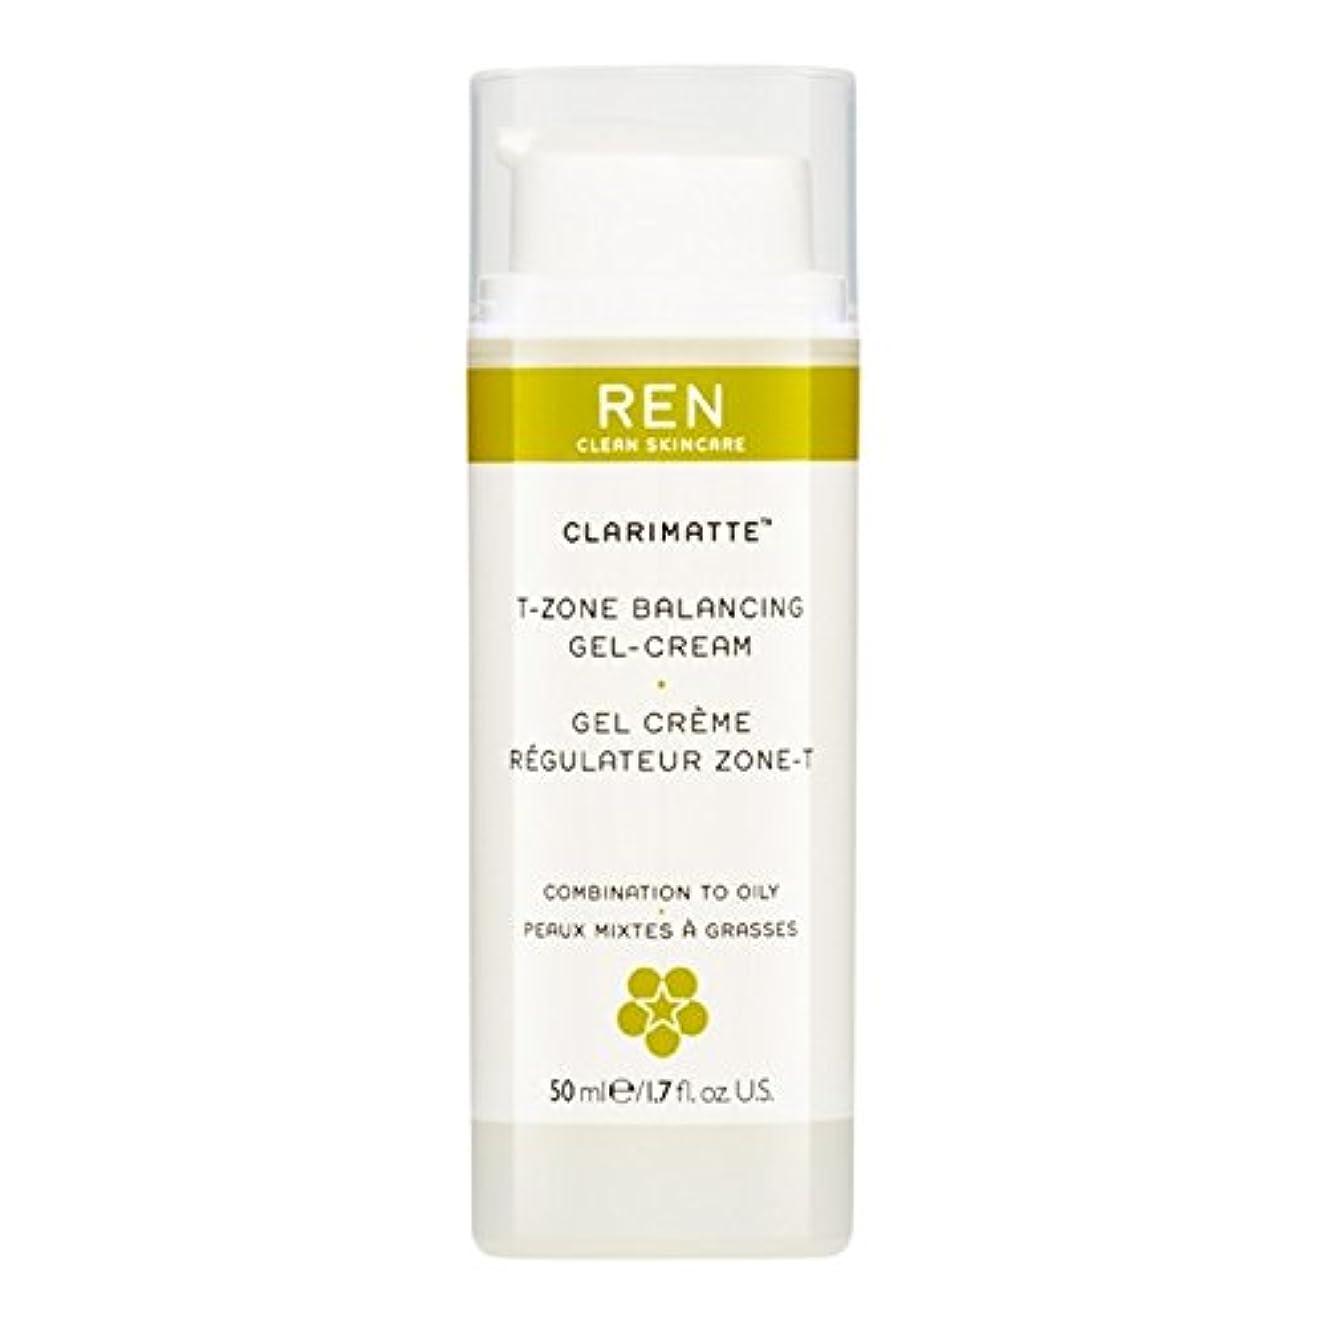 長々と小さい告発者Ren Clarimatte Tゾーンバランシングジェルクリーム、50ミリリットル (REN) - REN Clarimatte T-Zone Balancing Gel Cream, 50ml [並行輸入品]